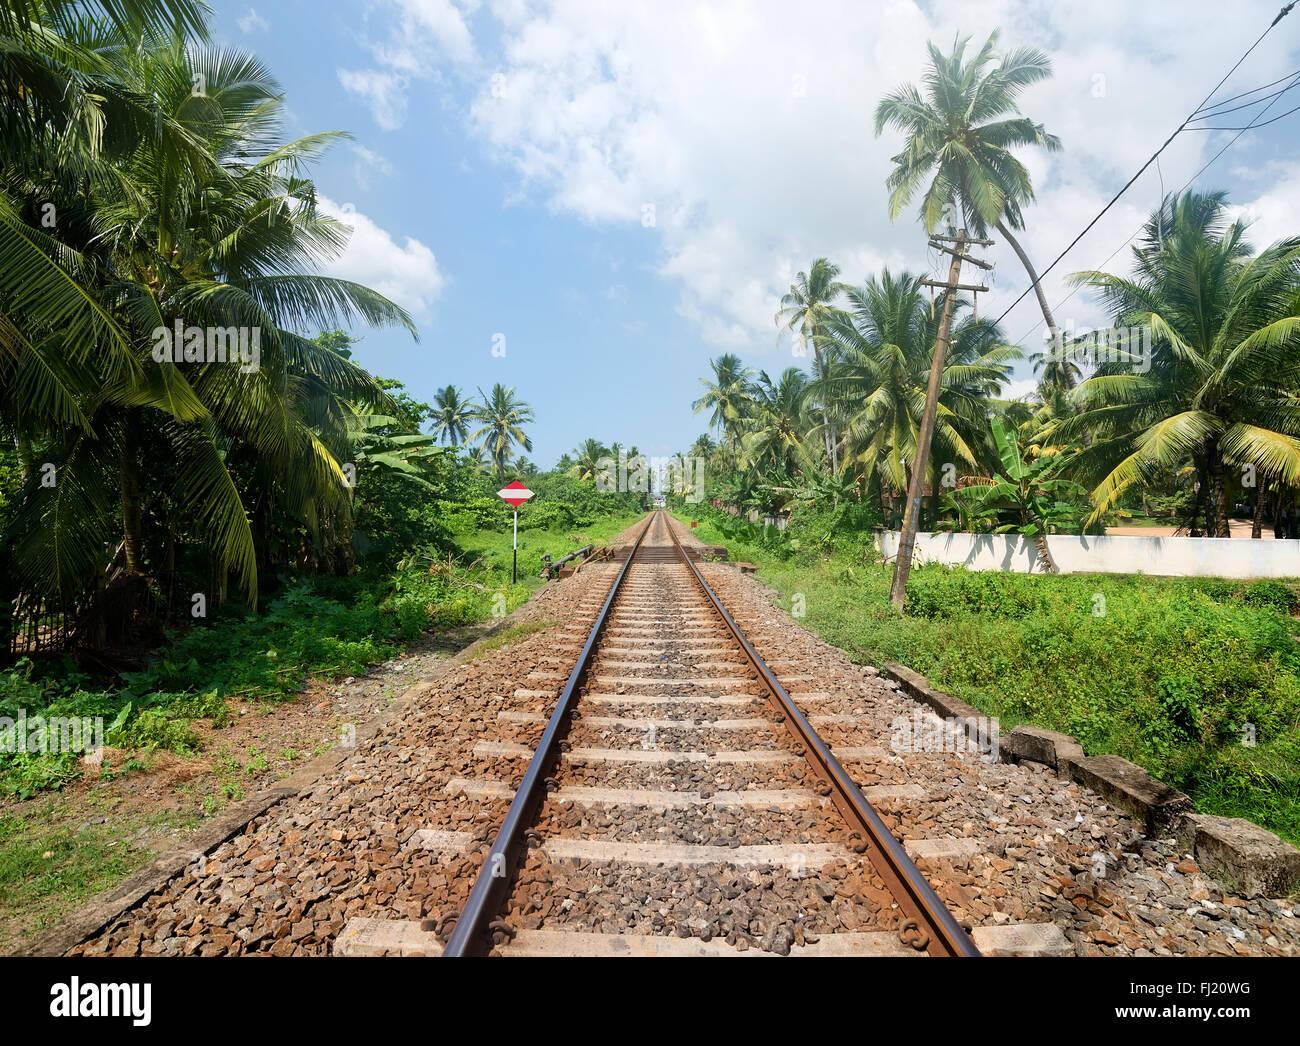 Sign near railroad in jungles of Sri Lanka - Stock Image